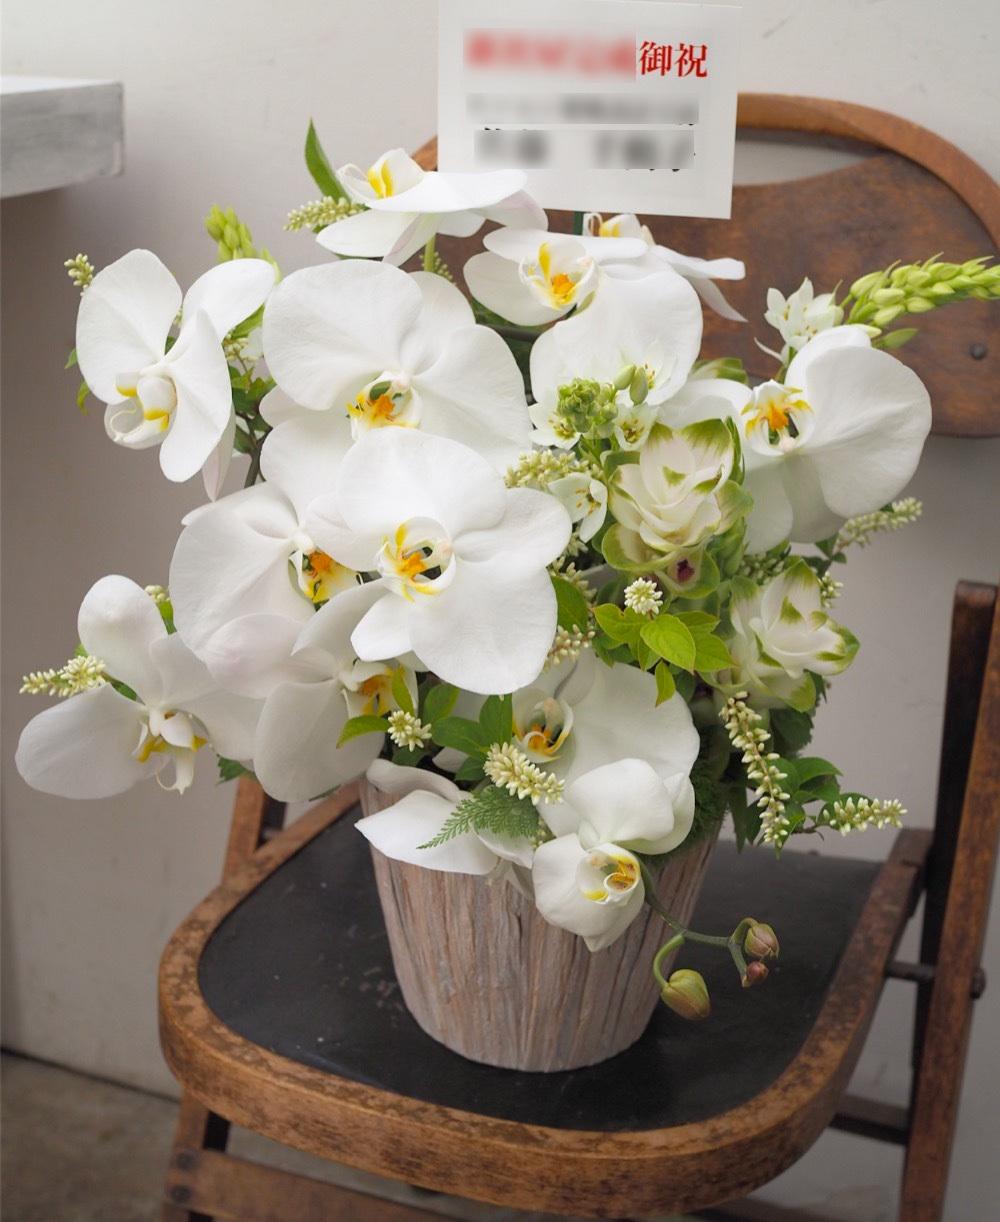 胡蝶蘭とクルクマがメインの上品で爽やかな祝い花